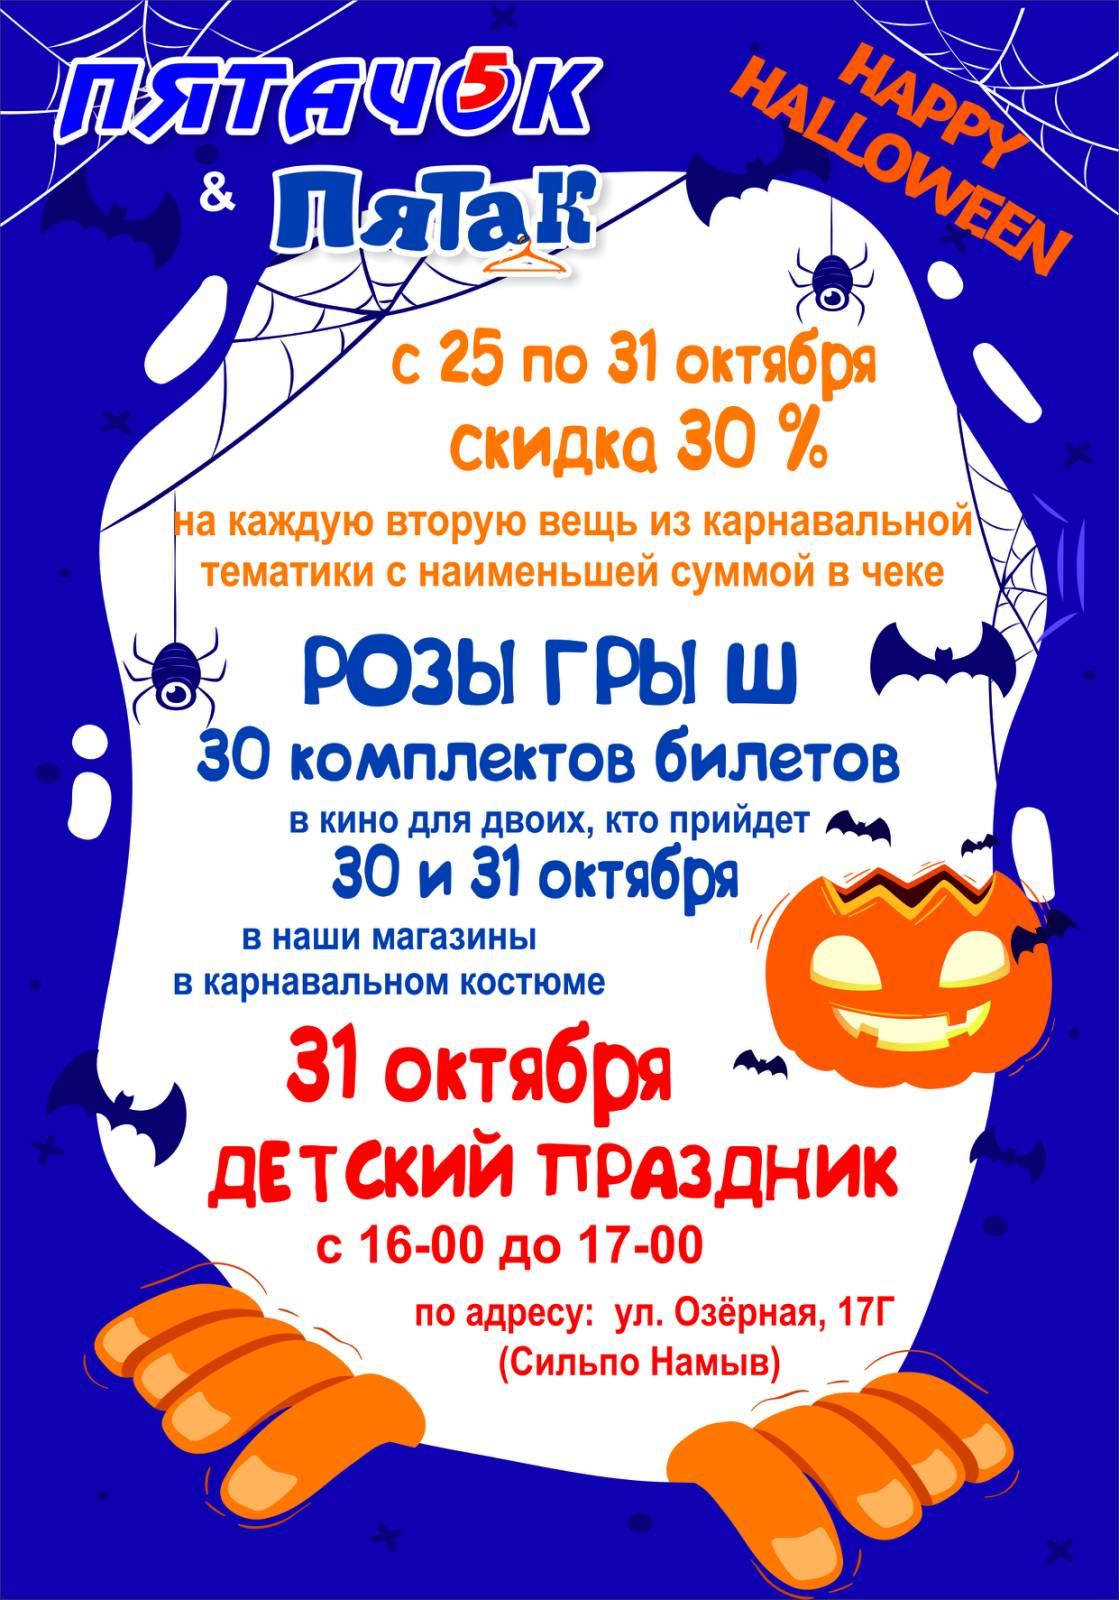 Хеллоуин в Николаеве